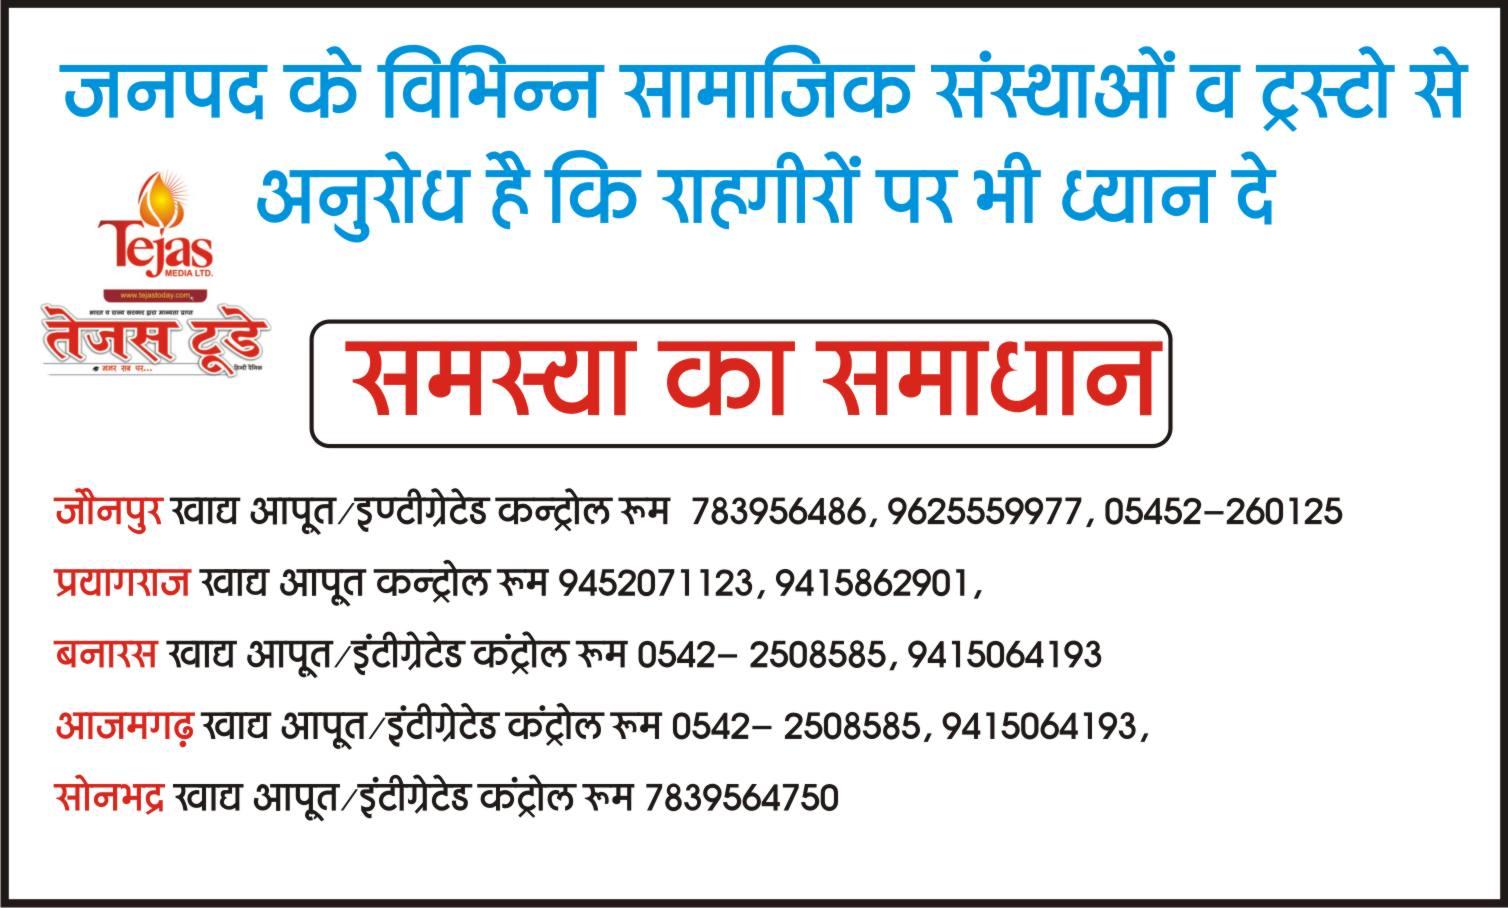 जौनपुर। परियोजना अधिकारी डूडा अनिल कुमार ने बताया कि बीते 4 अप्रैल को जारी निर्धारित मूल्य (फुटकर भाव) के विरुद्ध फल अनार व सेव की बिक्री करने वाले दो दुकानदार अरविंद सोनकर निवासी नाथूपुर, तथा प्रदीप कुमार निवासी हुसेनाबाद के विरुद्ध संबंधित थाने में सीआरपीसी की धारा 188, 3/7 ईसी एक्ट के तहत एवं जिलाधिकारी दिनेश सिंह के निर्देशानुसार मुकदमा दर्ज कराया गया।